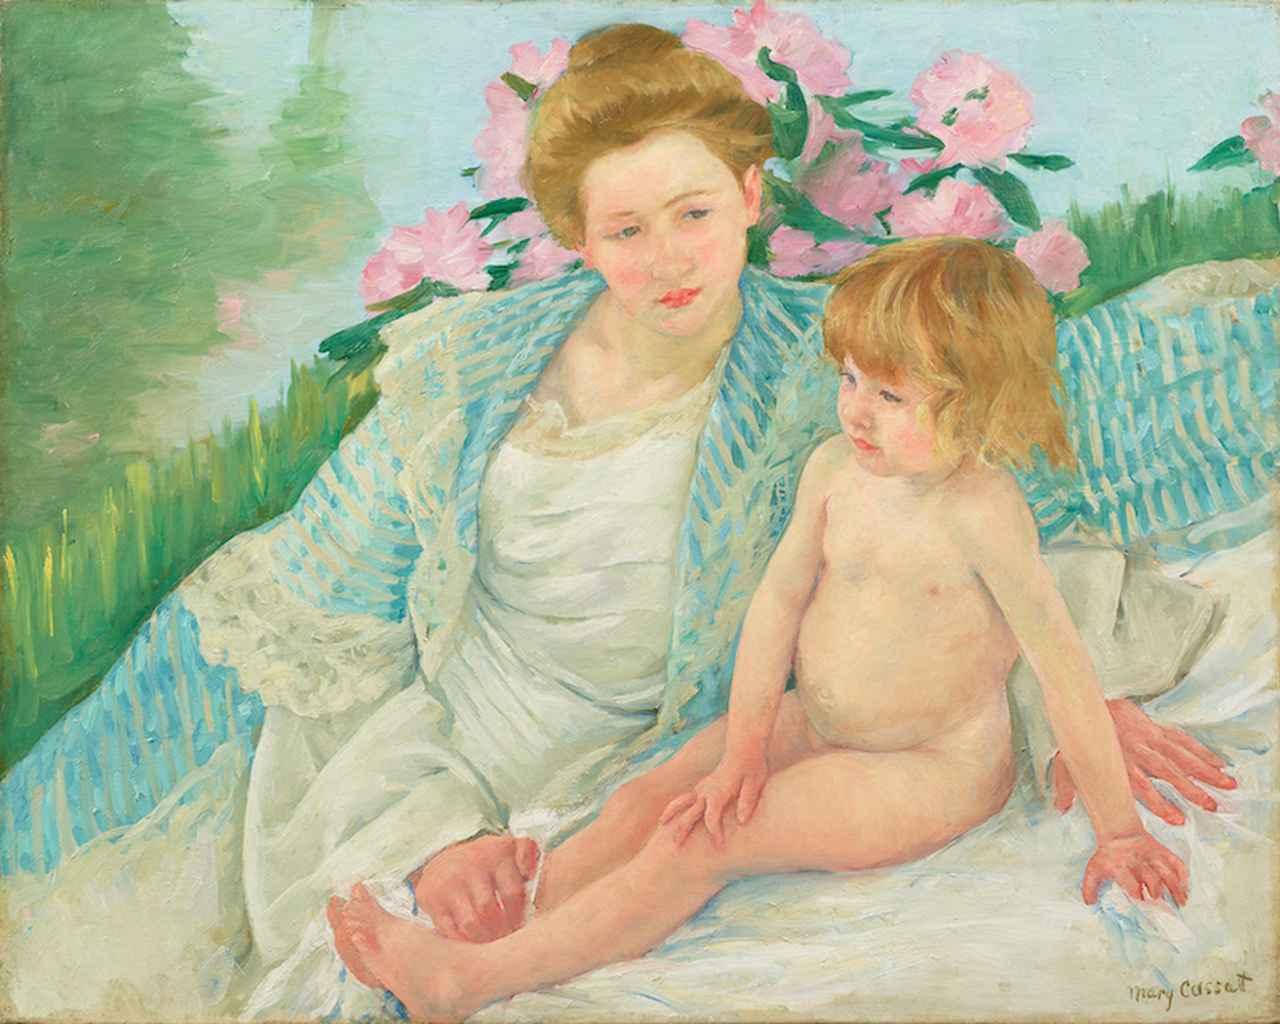 画像: メアリー・カサット《日光浴(浴後)》1901年 石橋財団アーティゾン美術館蔵